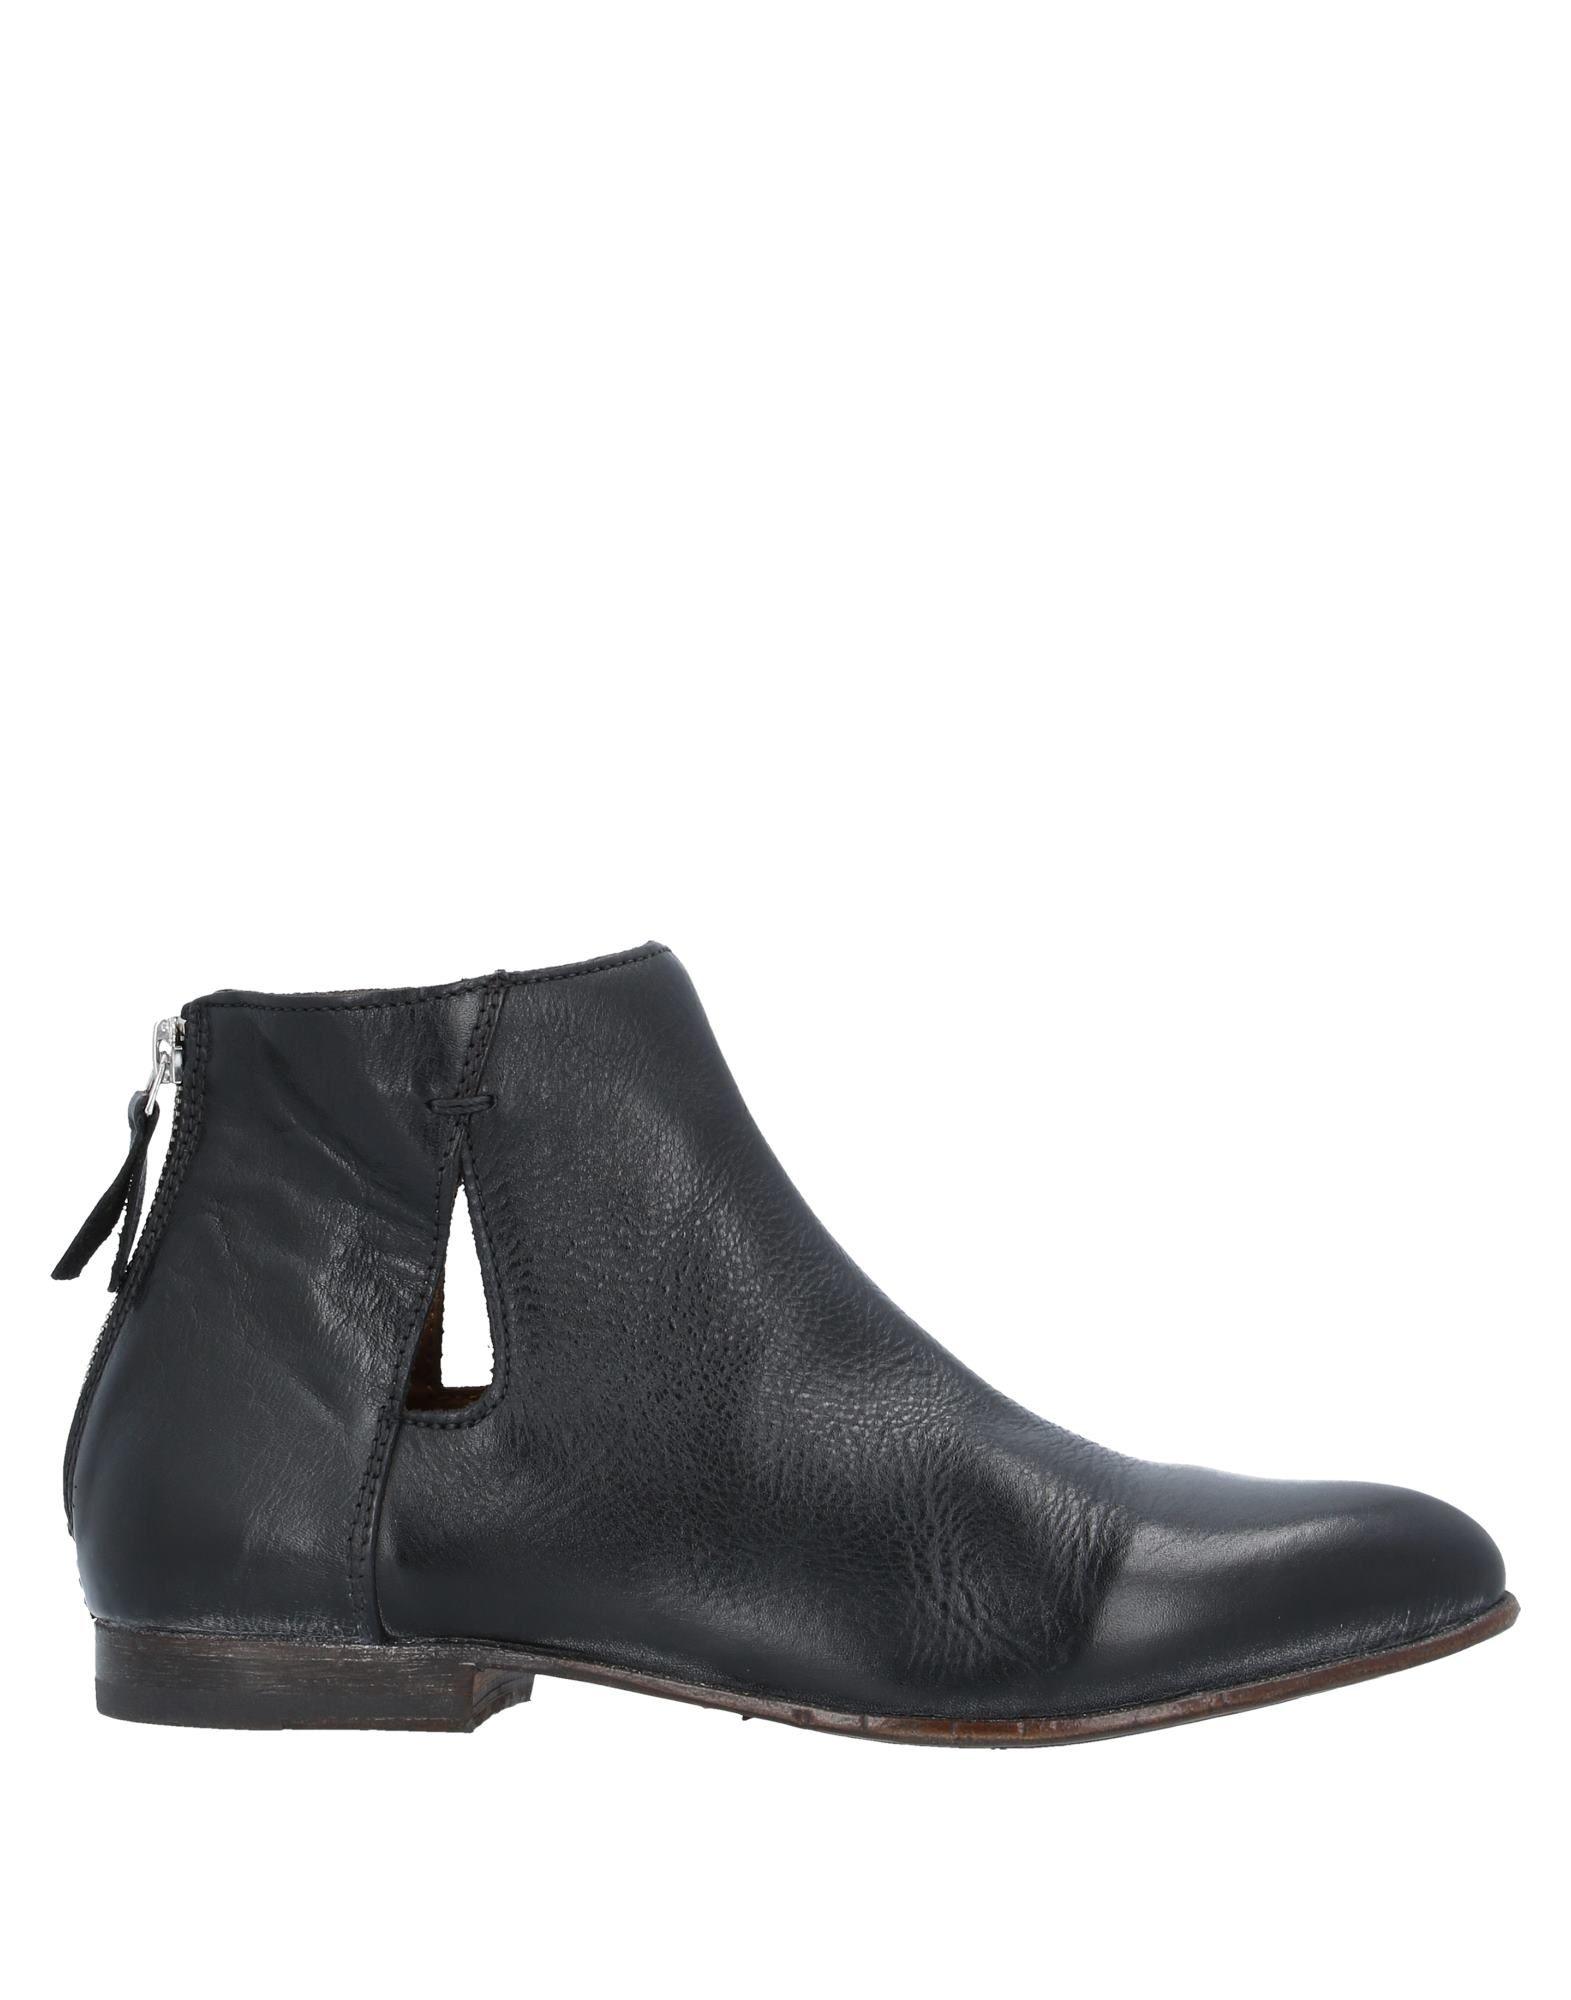 MOMA Полусапоги и высокие ботинки ботинки лыжные nn75 spine nordik размер 41